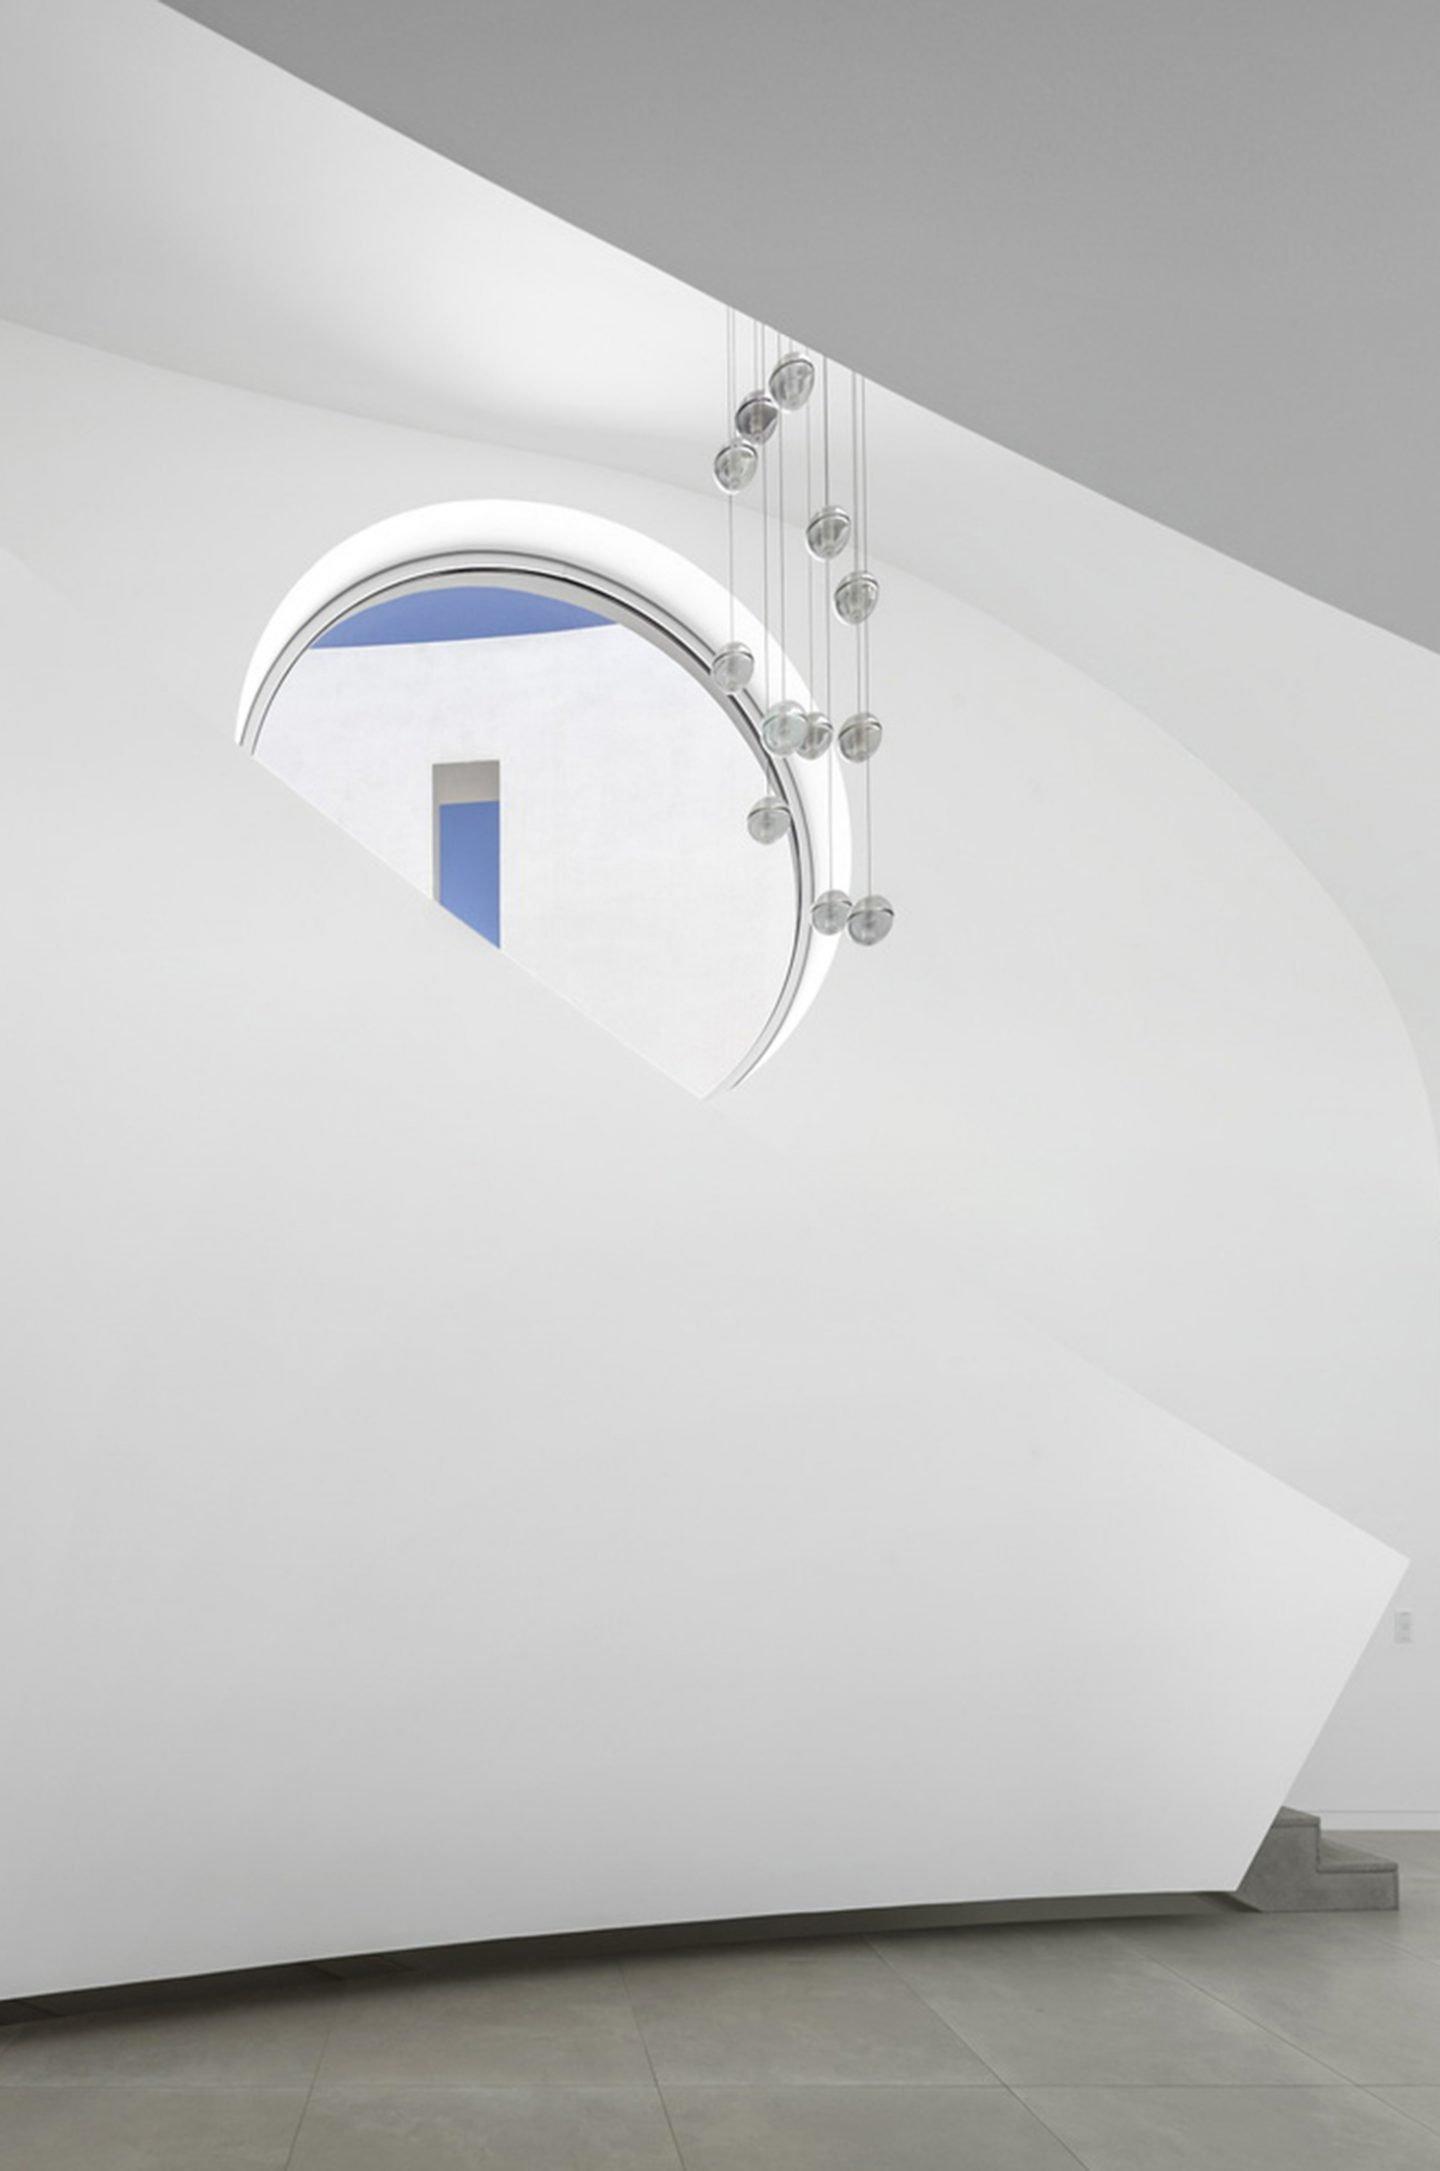 Architecture_CasaEliptica_MarioMartinsAtelier15